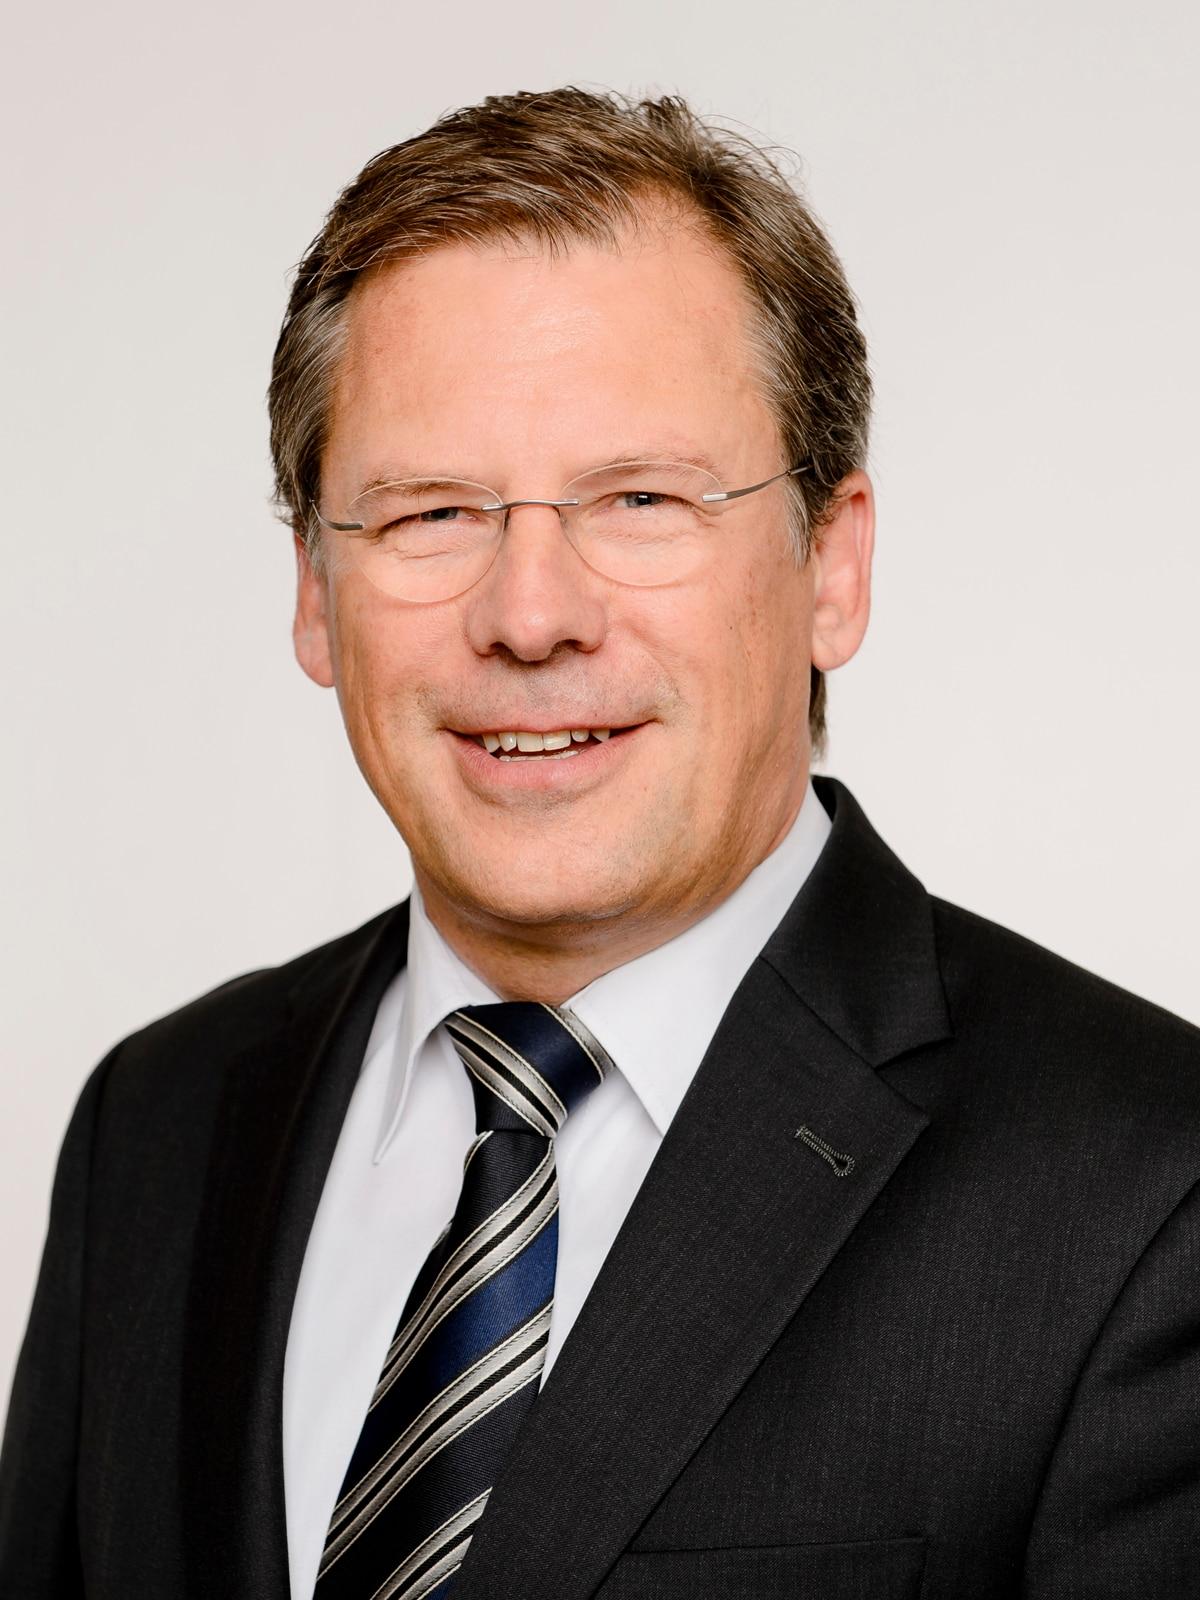 David Weltzien